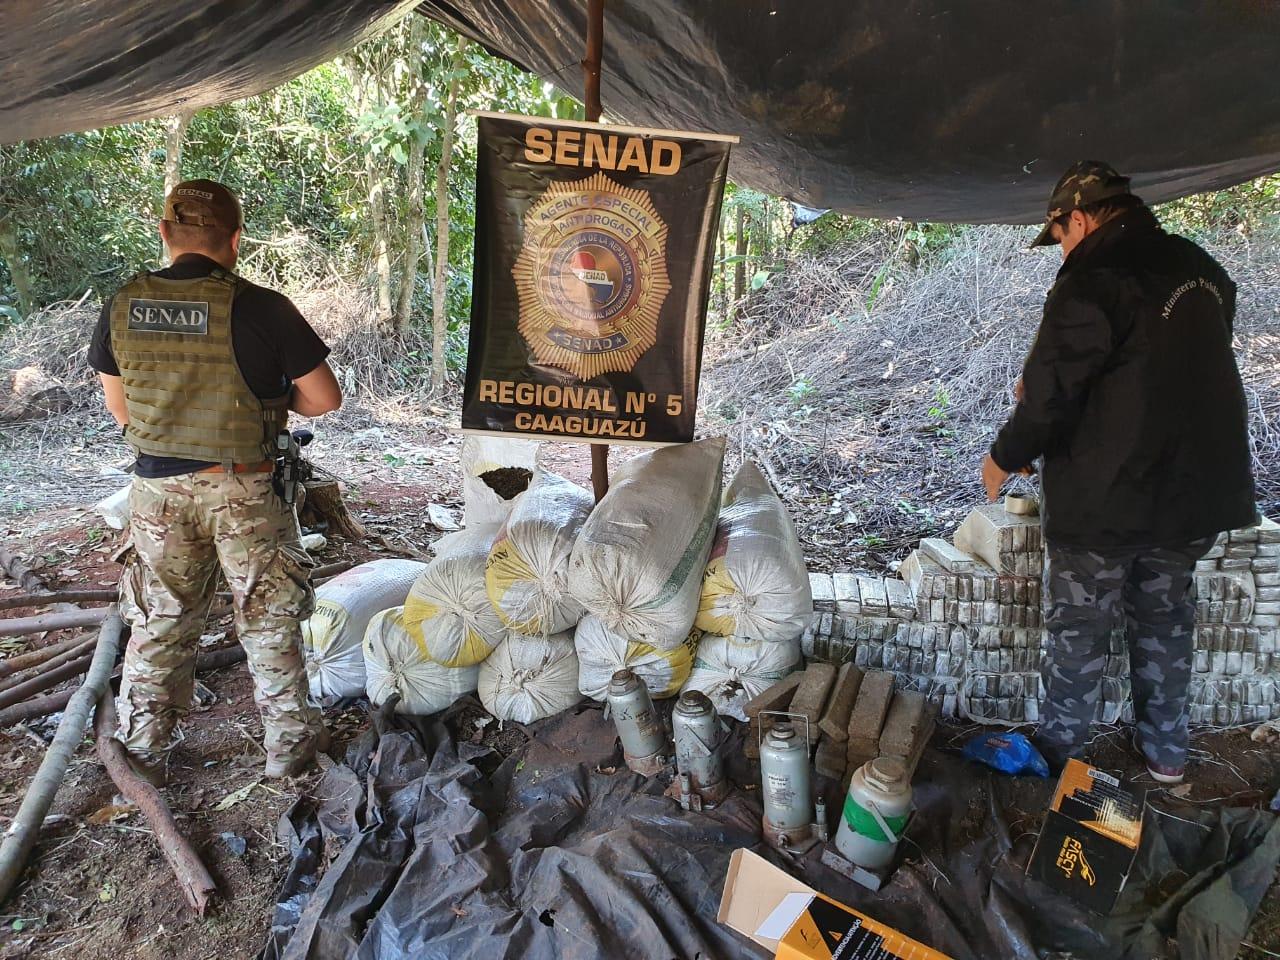 Paraguai: agentes antidrogas apreendem 2 toneladas de maconha